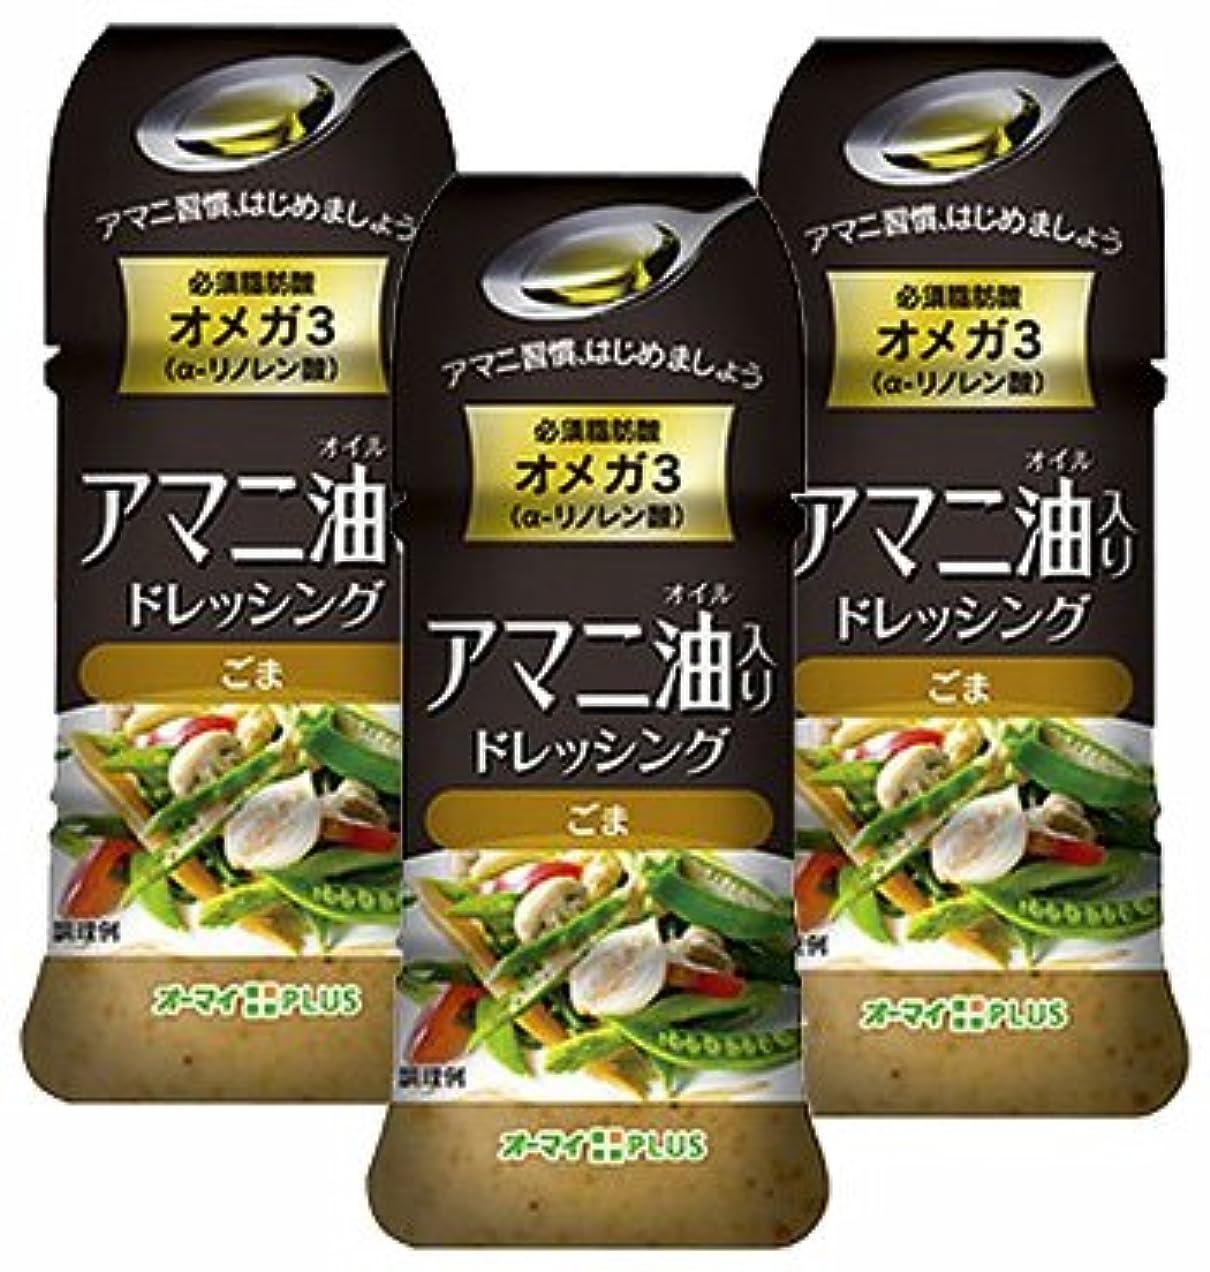 注入する雇用者専制アマニ油ドレッシング ごま【3本セット】日本製粉